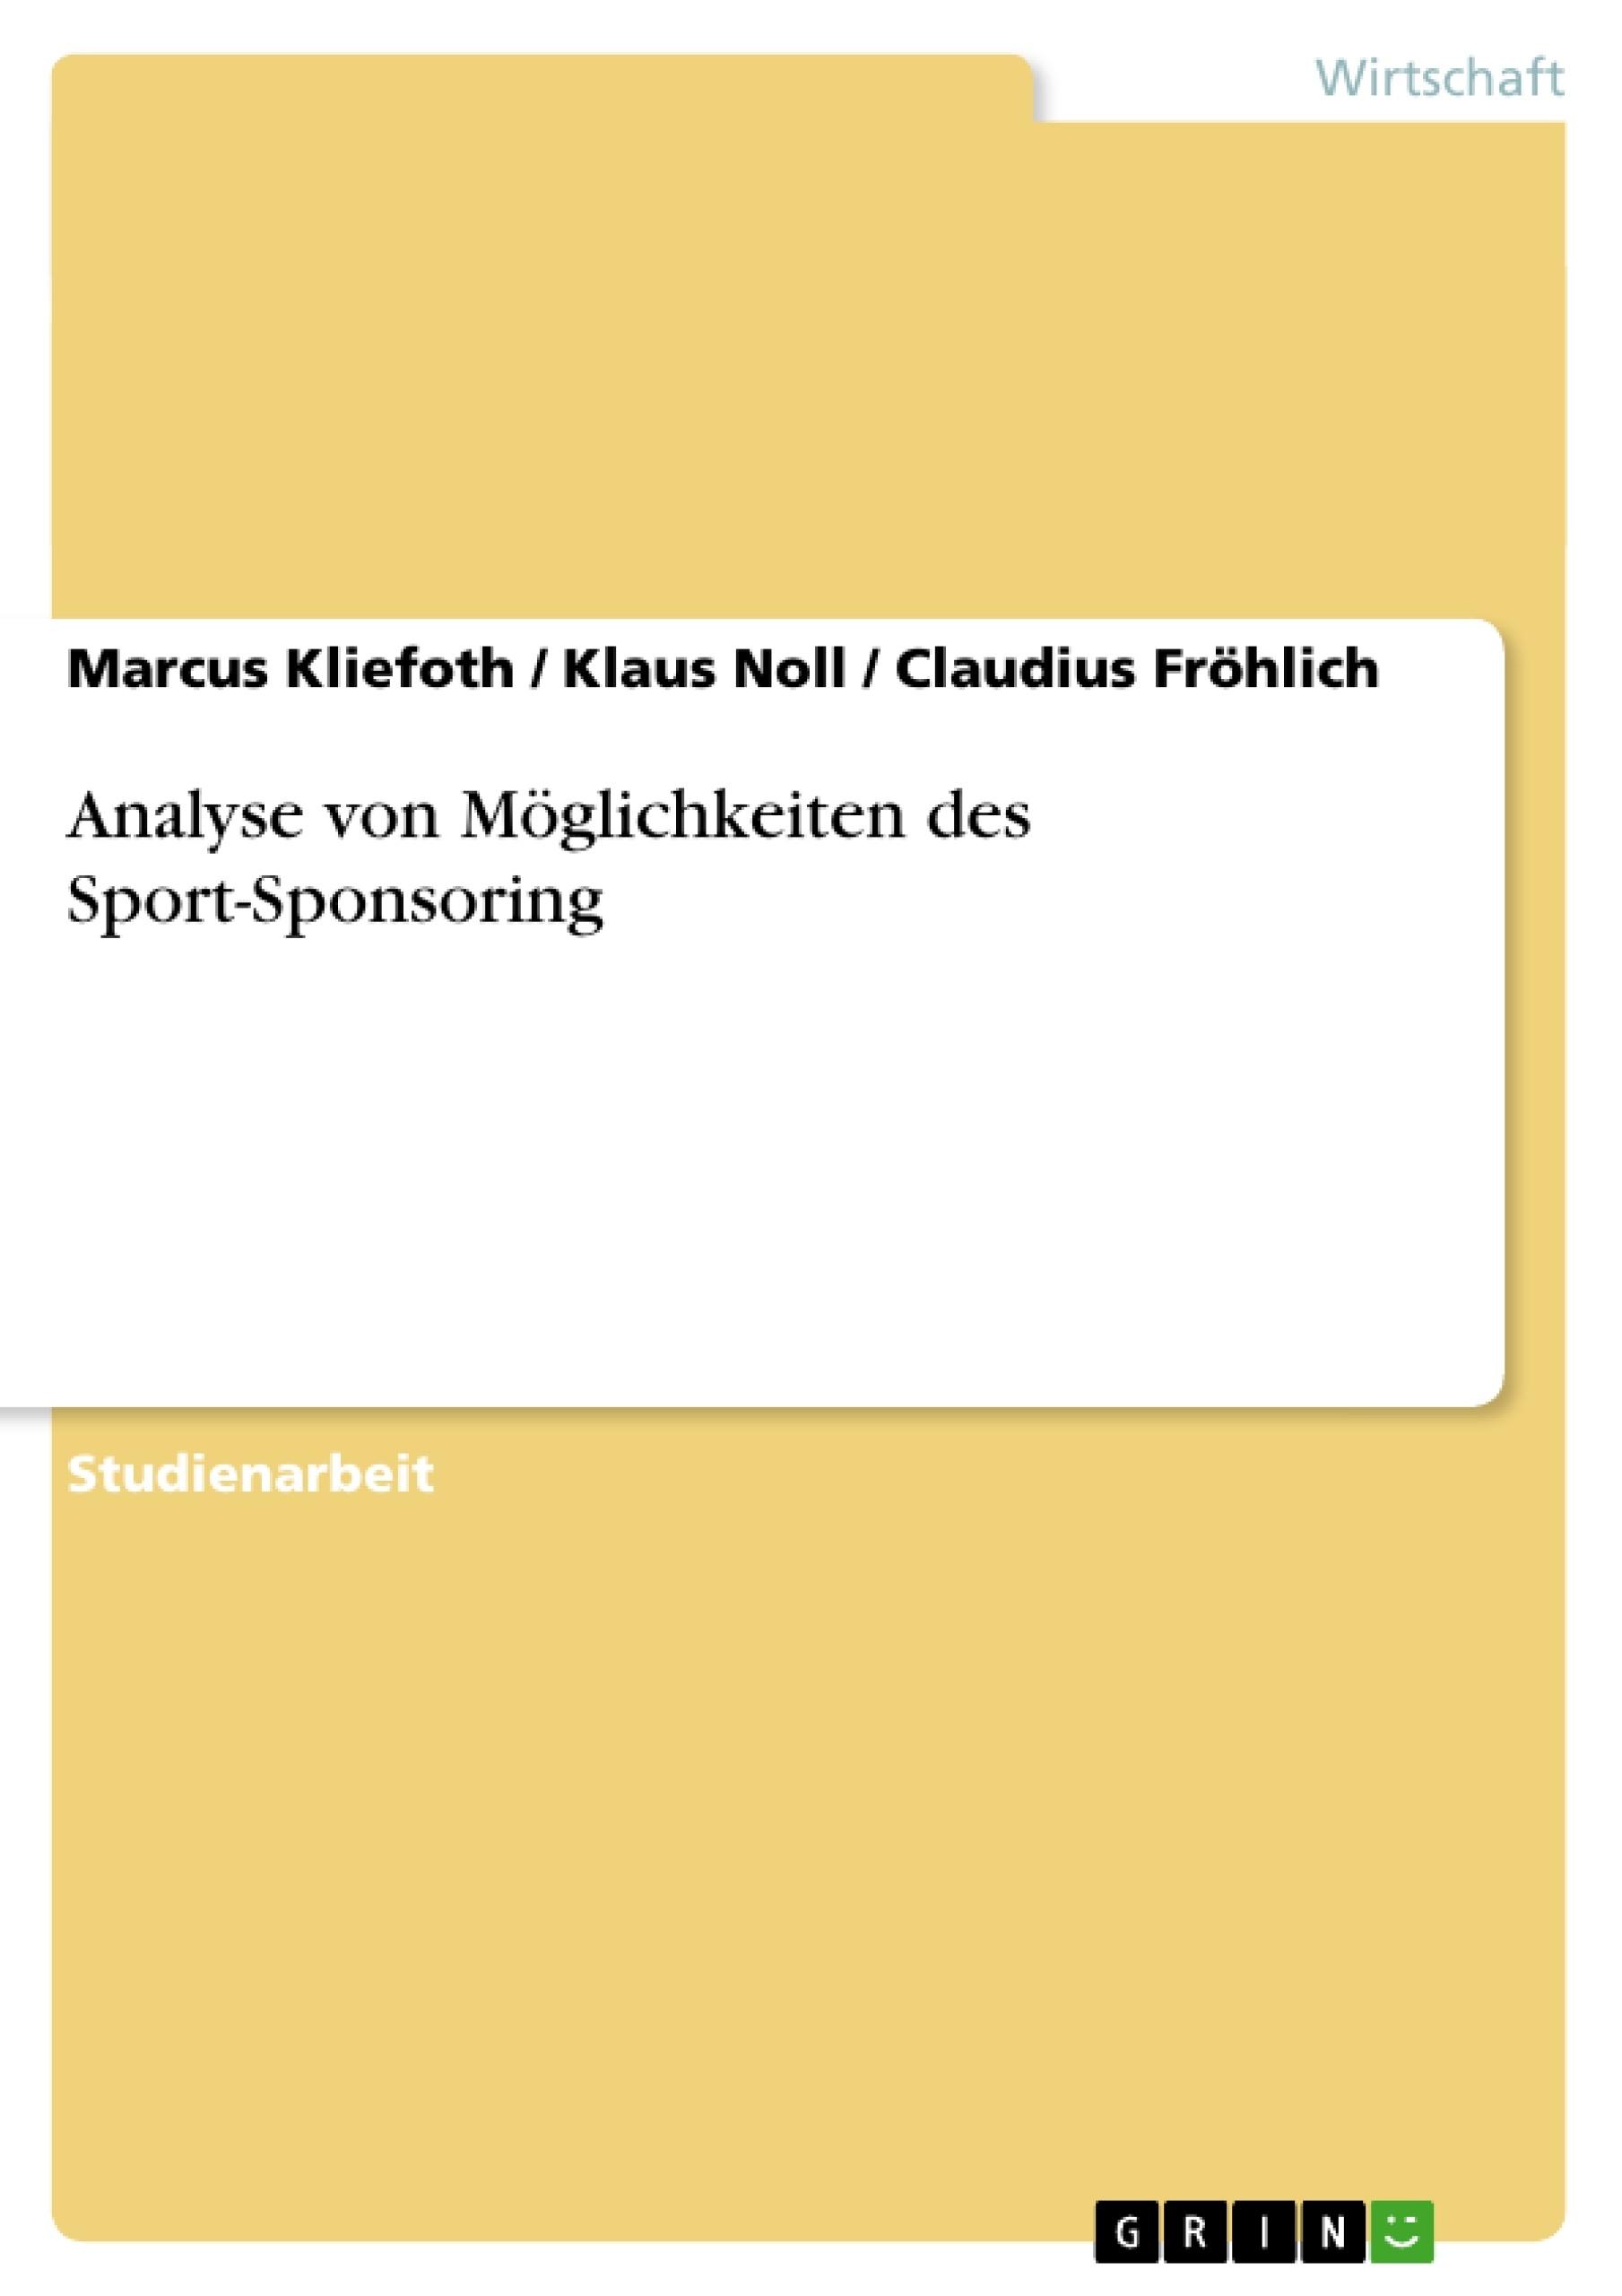 Titel: Analyse von Möglichkeiten des Sport-Sponsoring